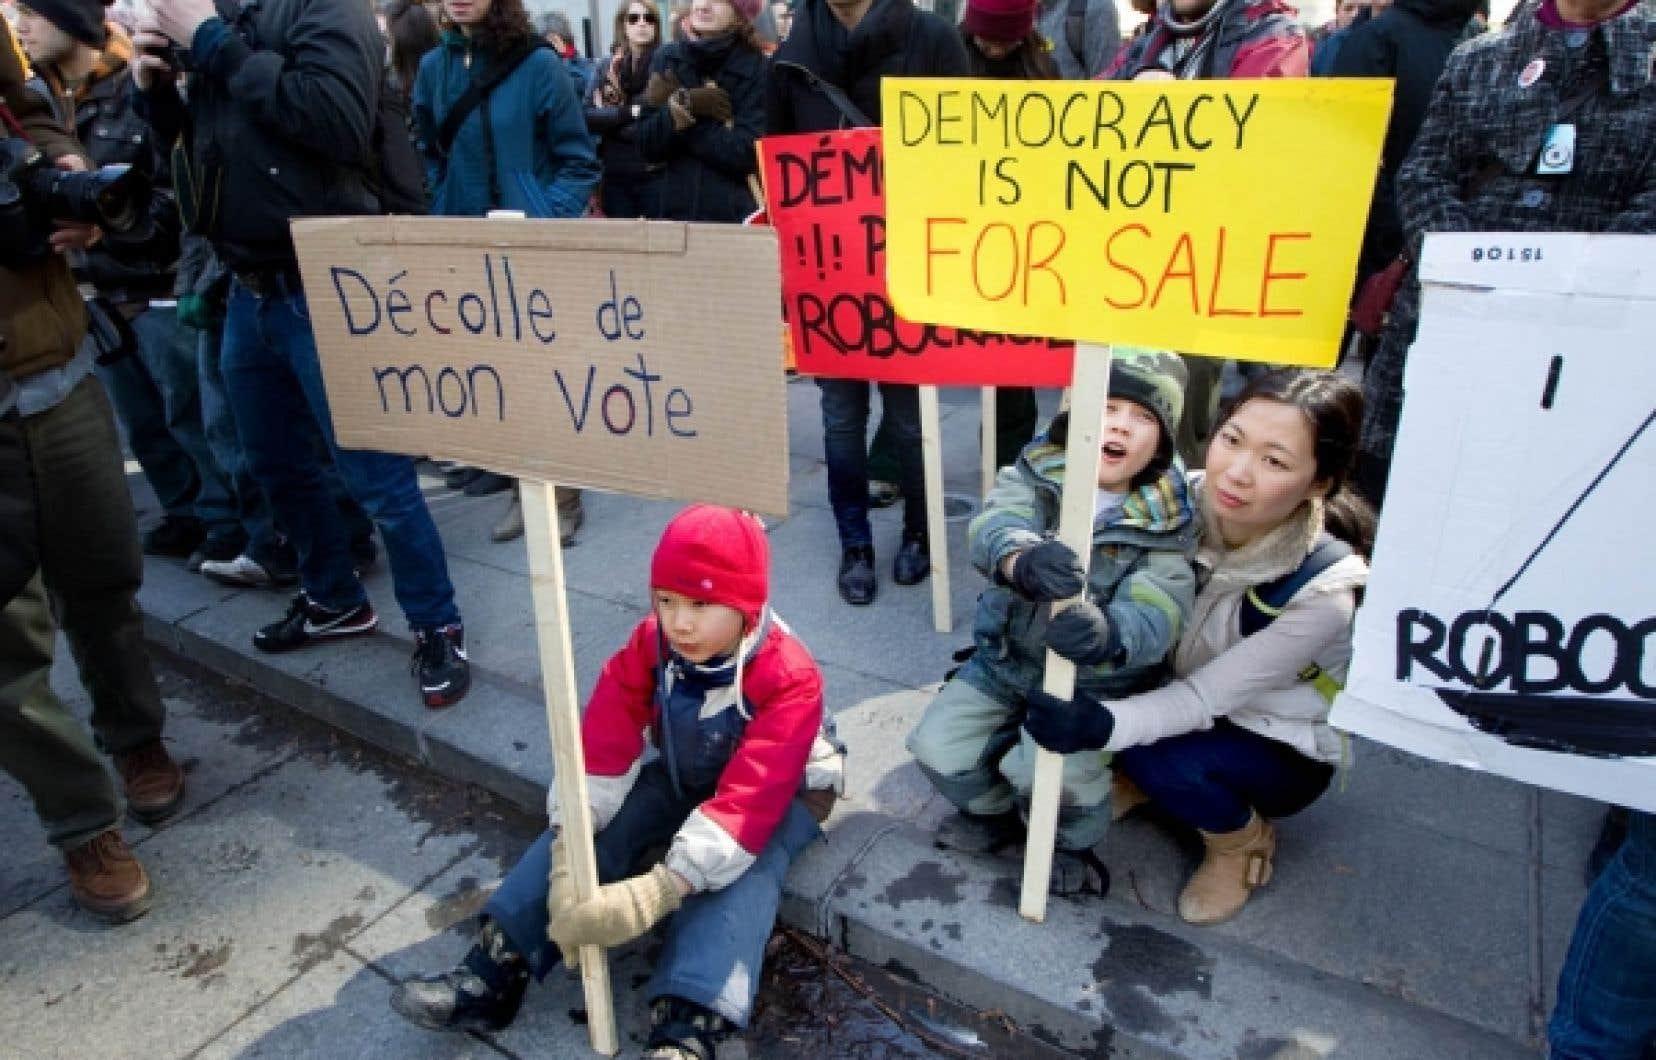 Certains manifestants ont demand&eacute; la tenue de nouveaux scrutins dans les circonscriptions o&ugrave; des irr&eacute;gularit&eacute;s auraient &eacute;t&eacute; commises.<br />